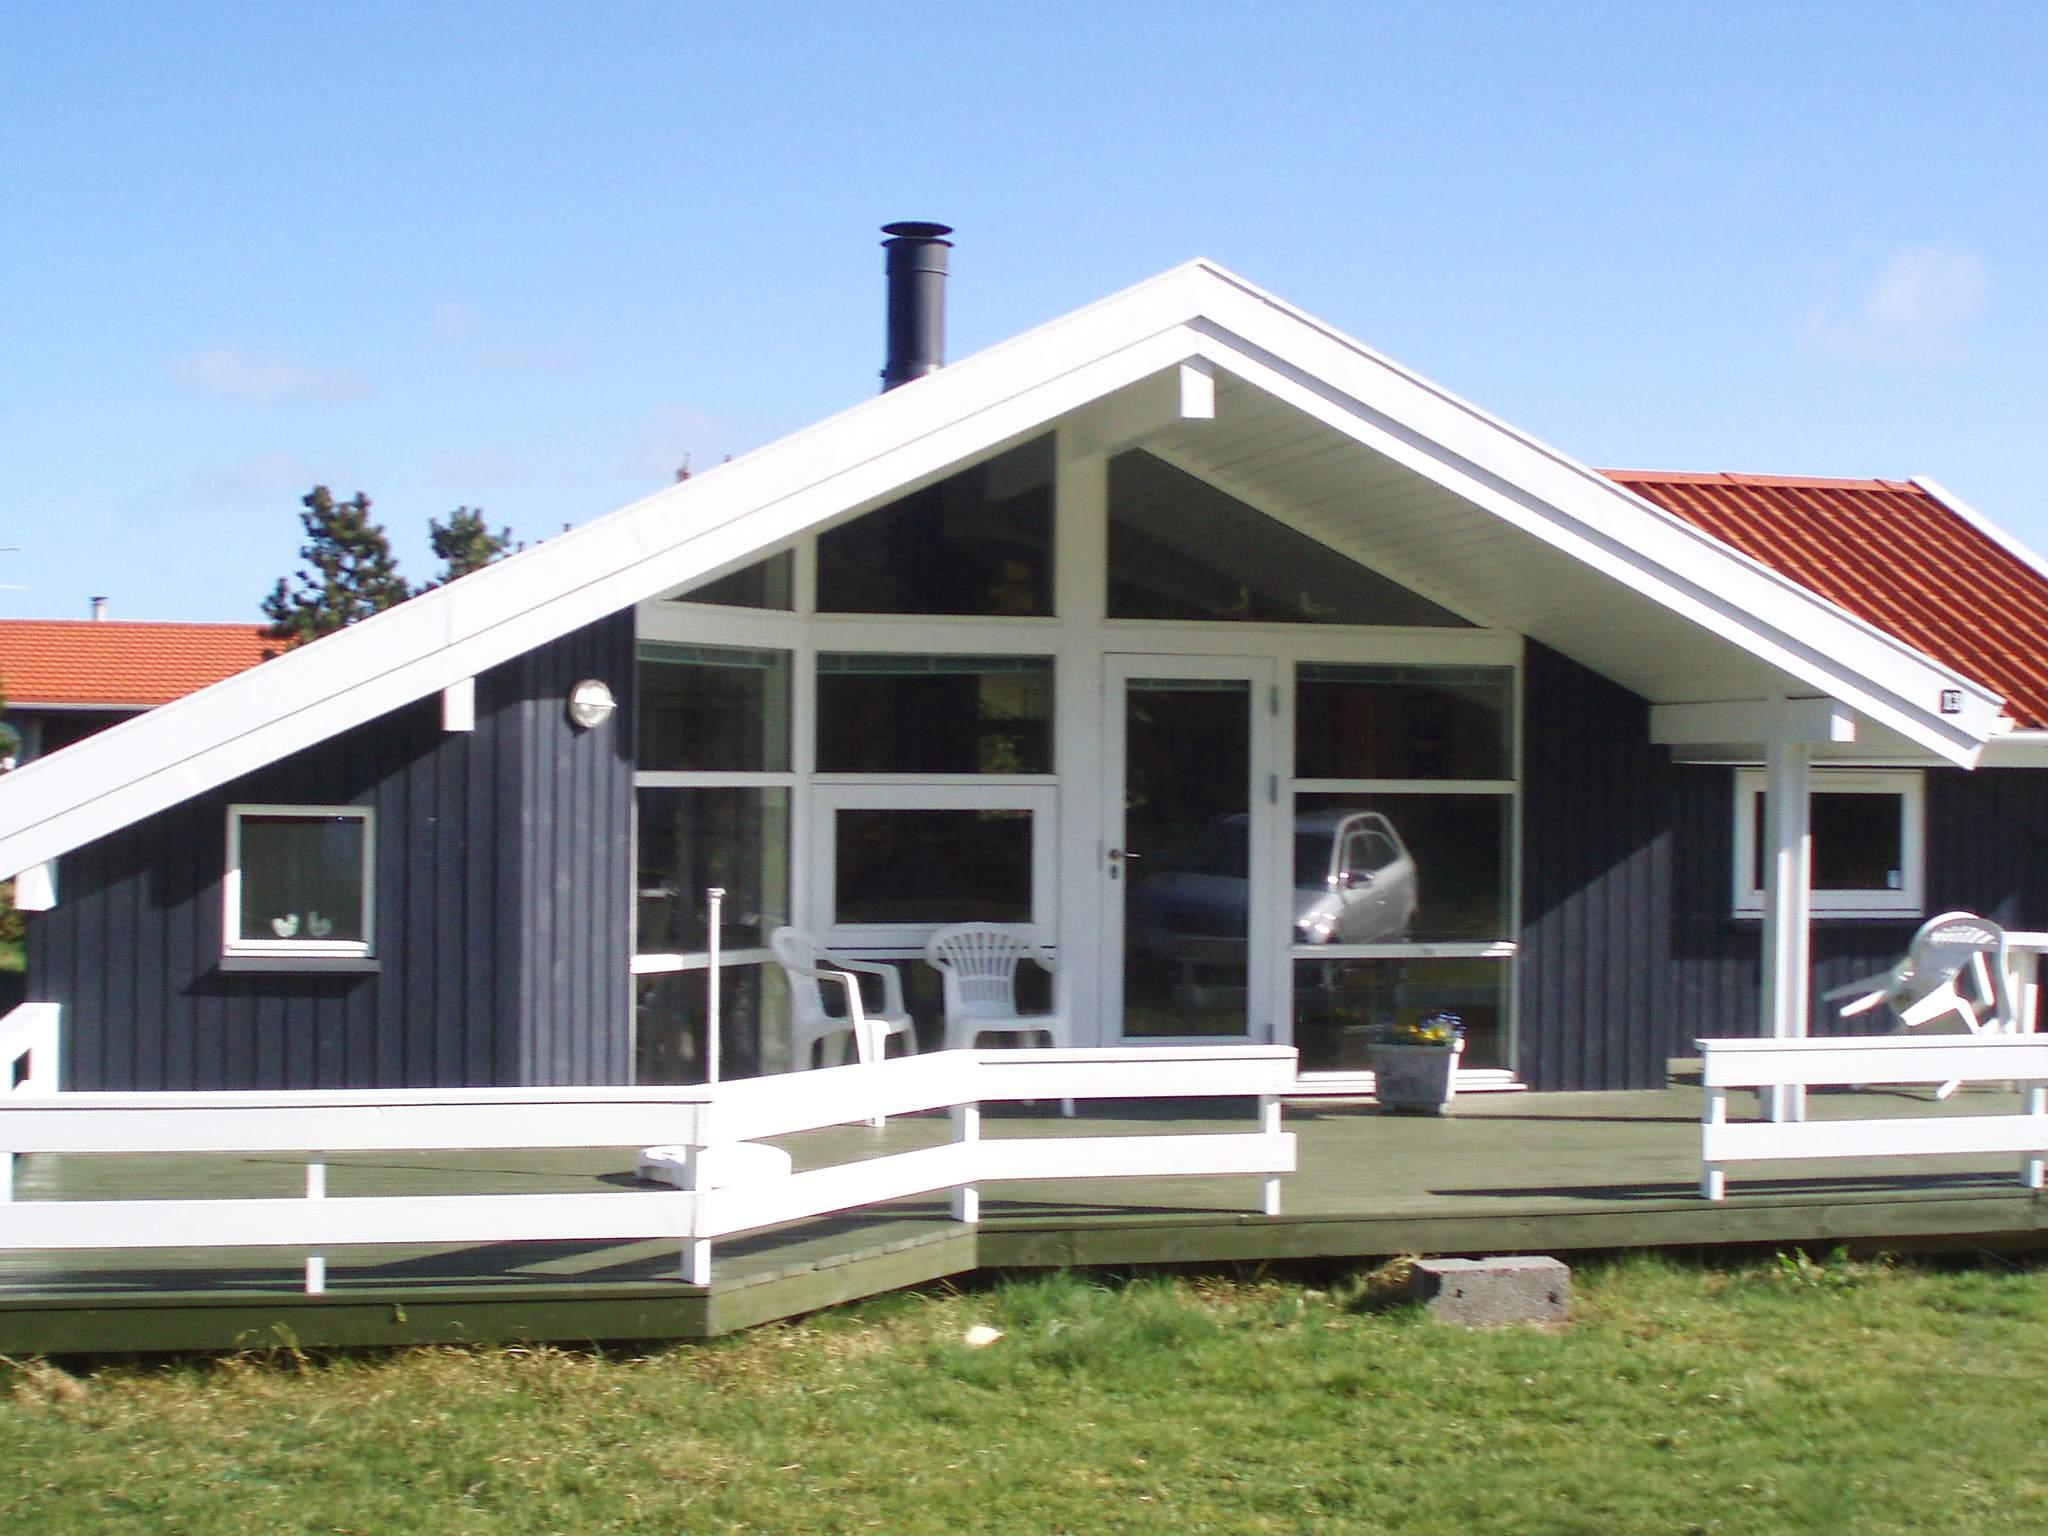 Ferienhaus Agger (226345), Vestervig, , Limfjord, Dänemark, Bild 12